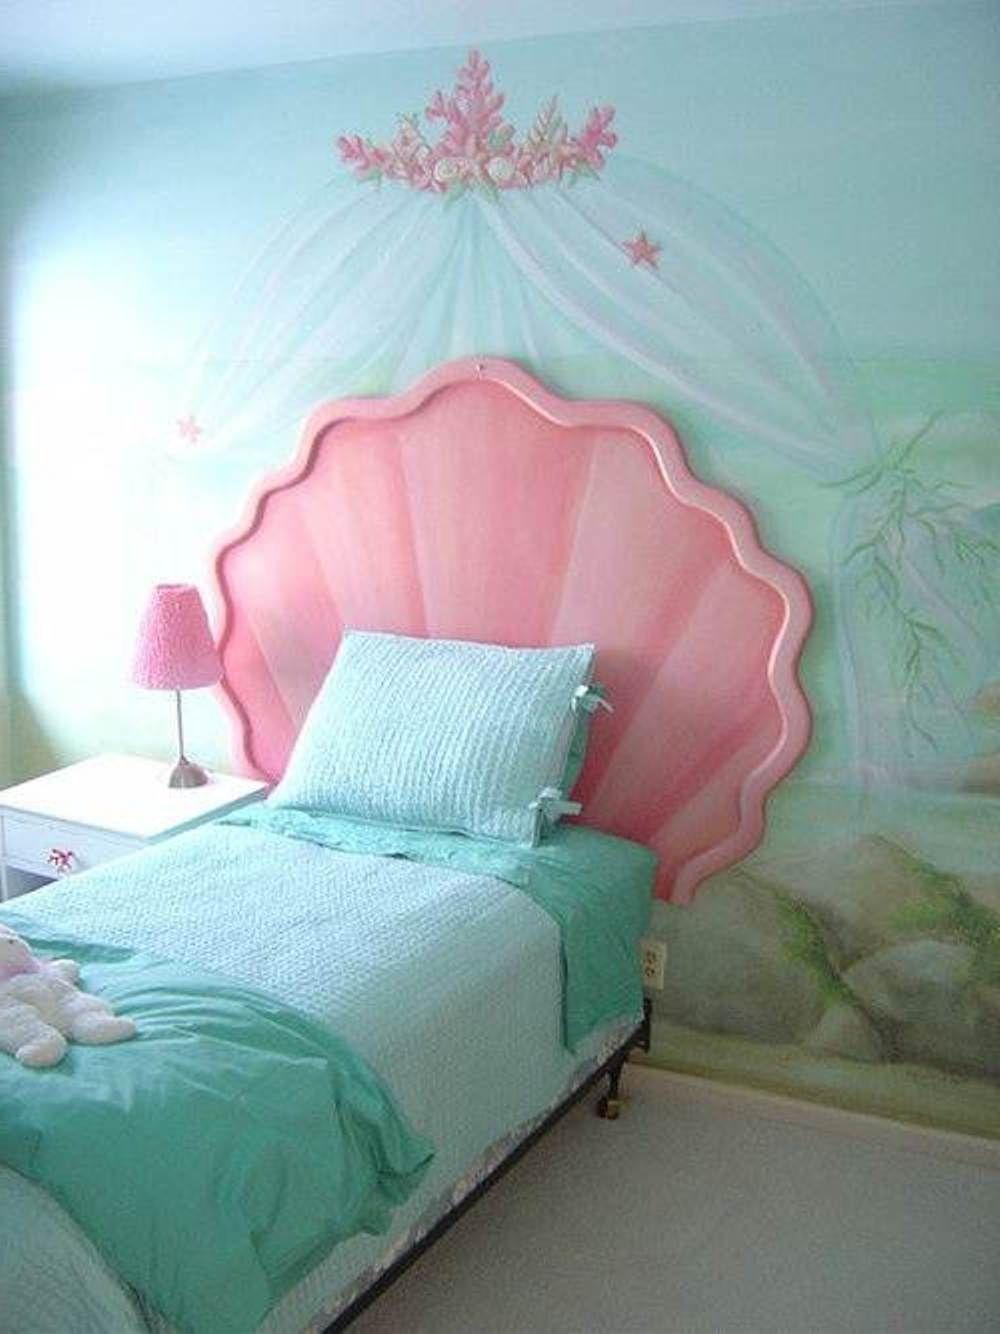 Disney Princess Bedding For Toddler Bed - Lindas ideas para decorar la habitaci n de una ni a disney themed bedroomsdisney princess bedroomprincess